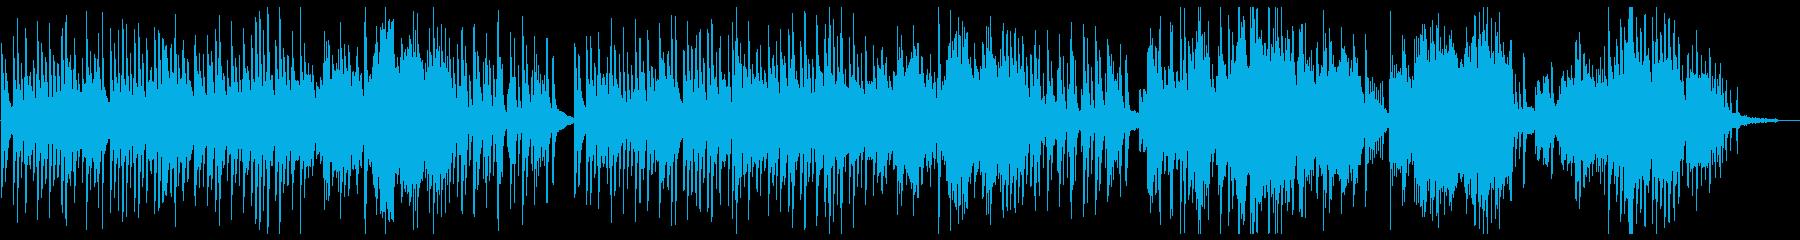 ゆったり美しいピアノソロの再生済みの波形